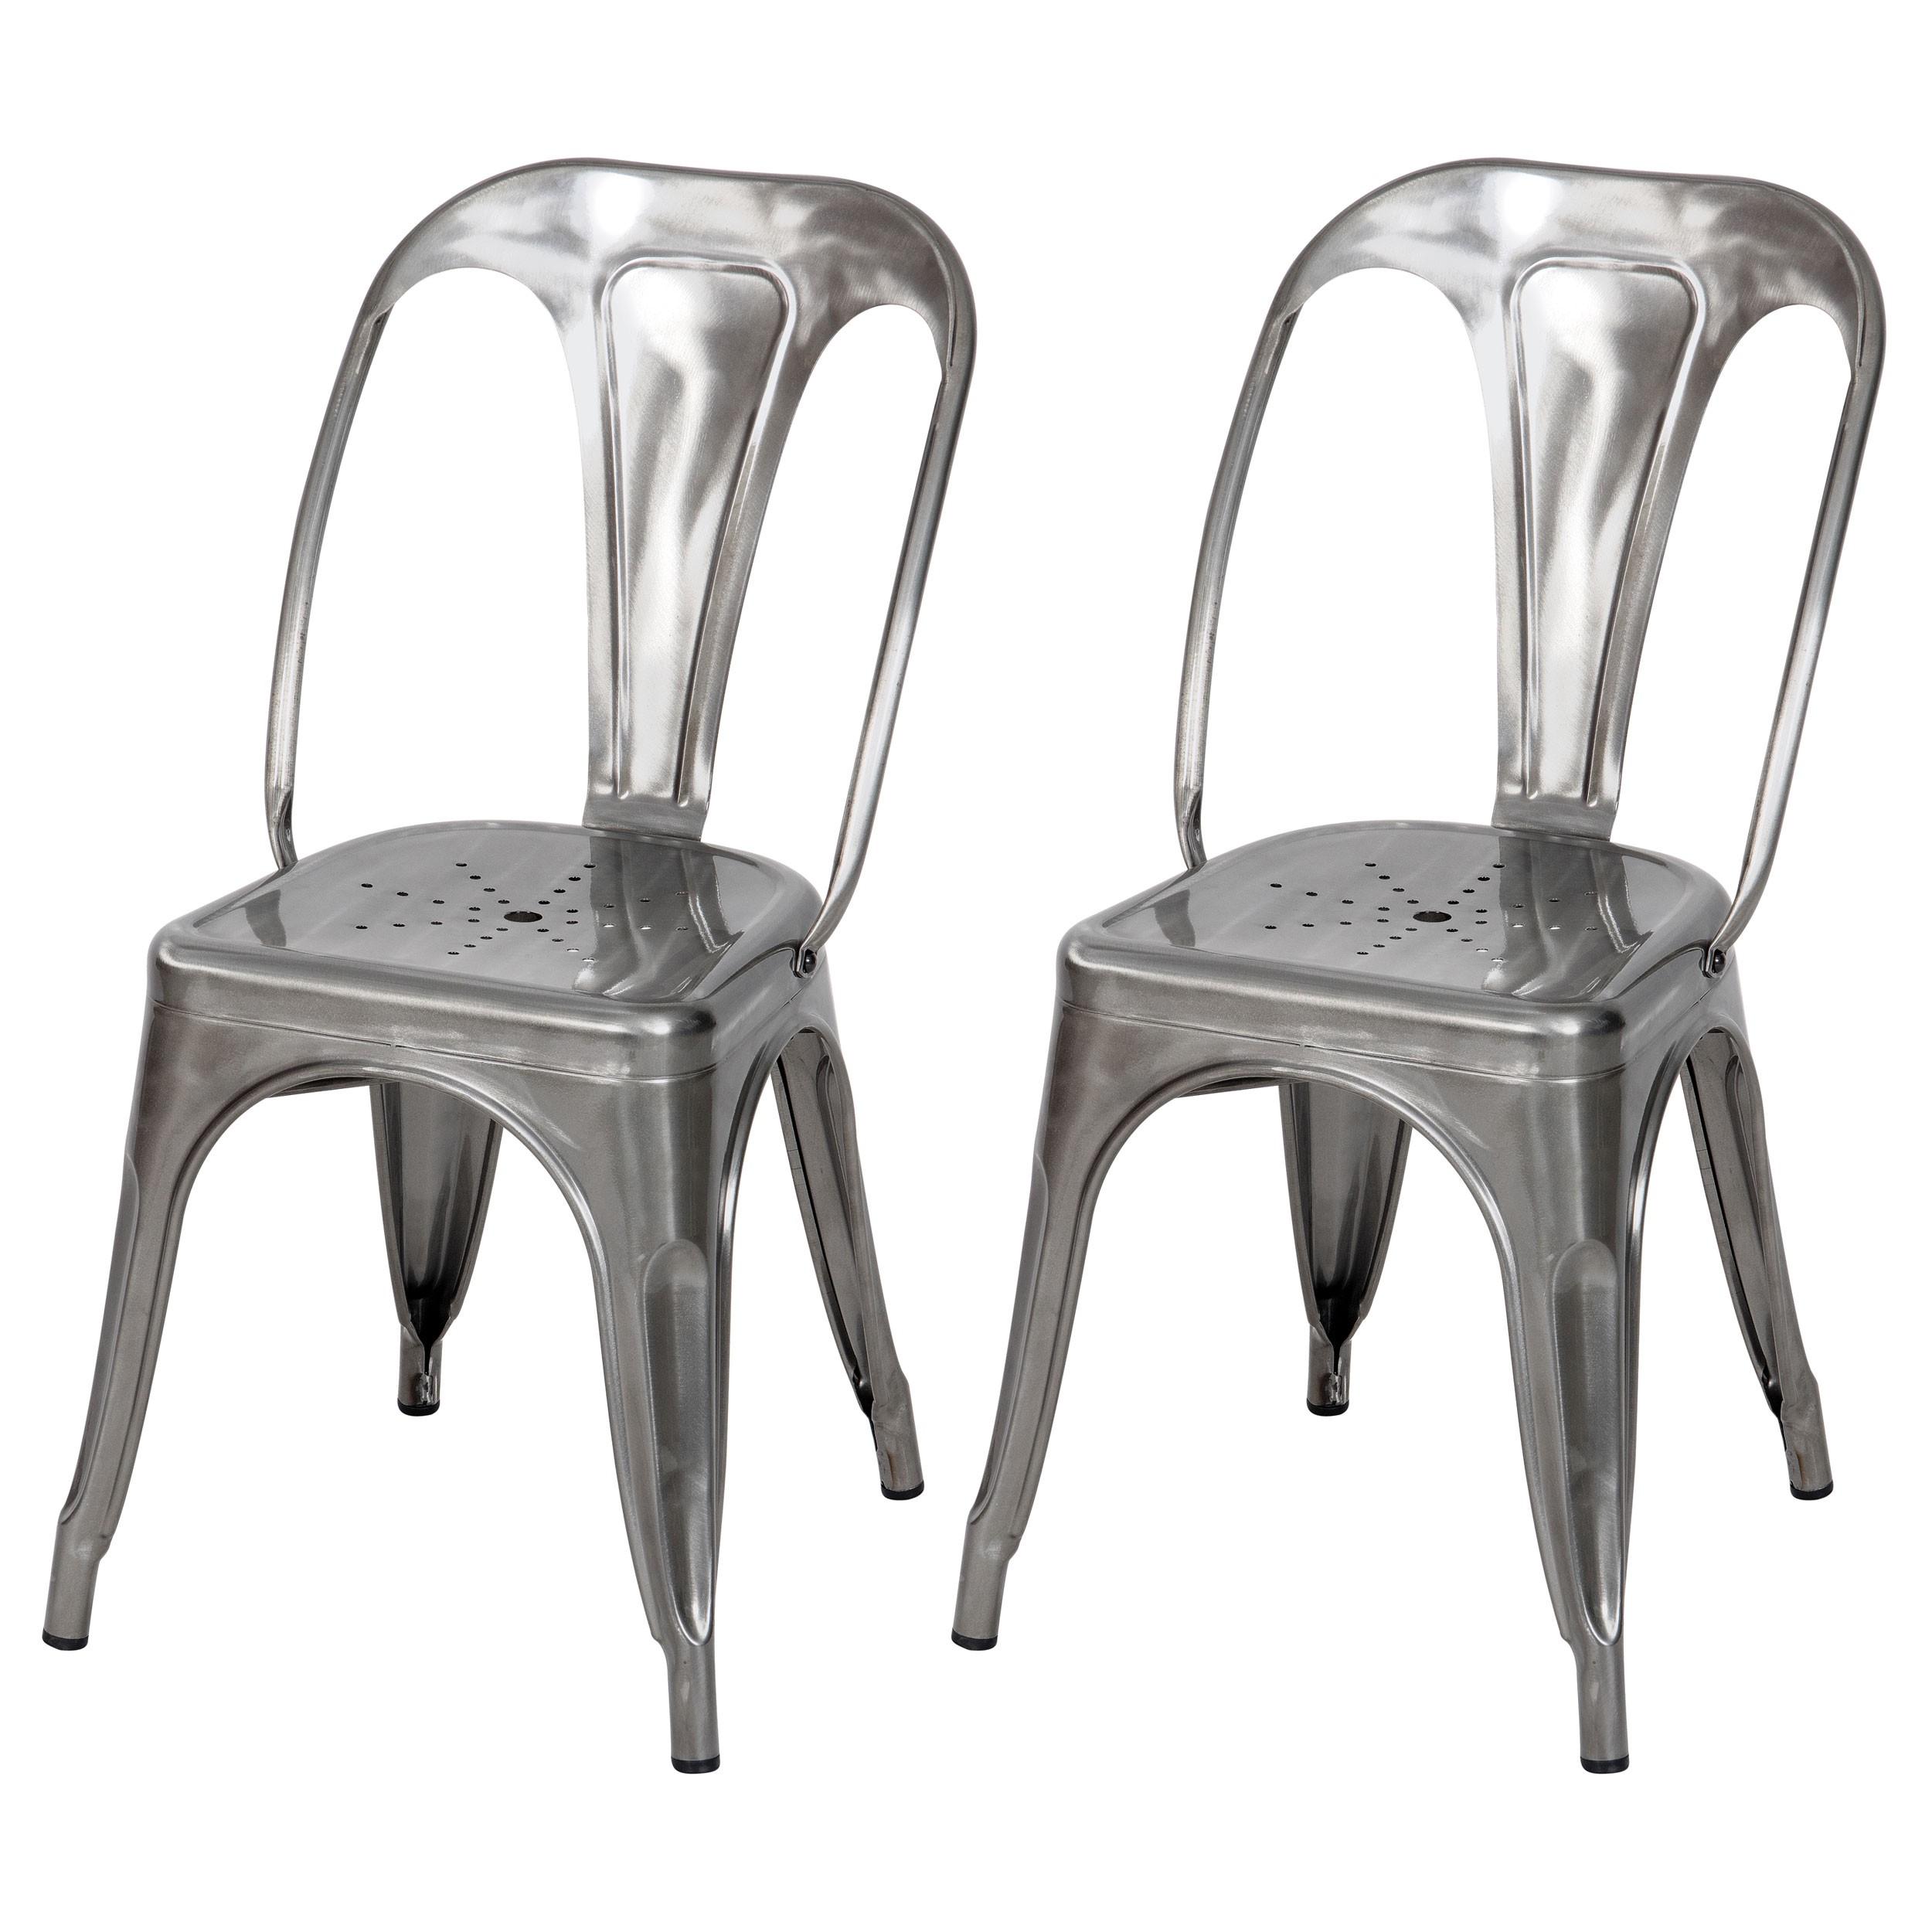 acheter chaise industriel gris chrome Résultat Supérieur 31 Nouveau Acheter Chaise Photos 2017 Ksh4